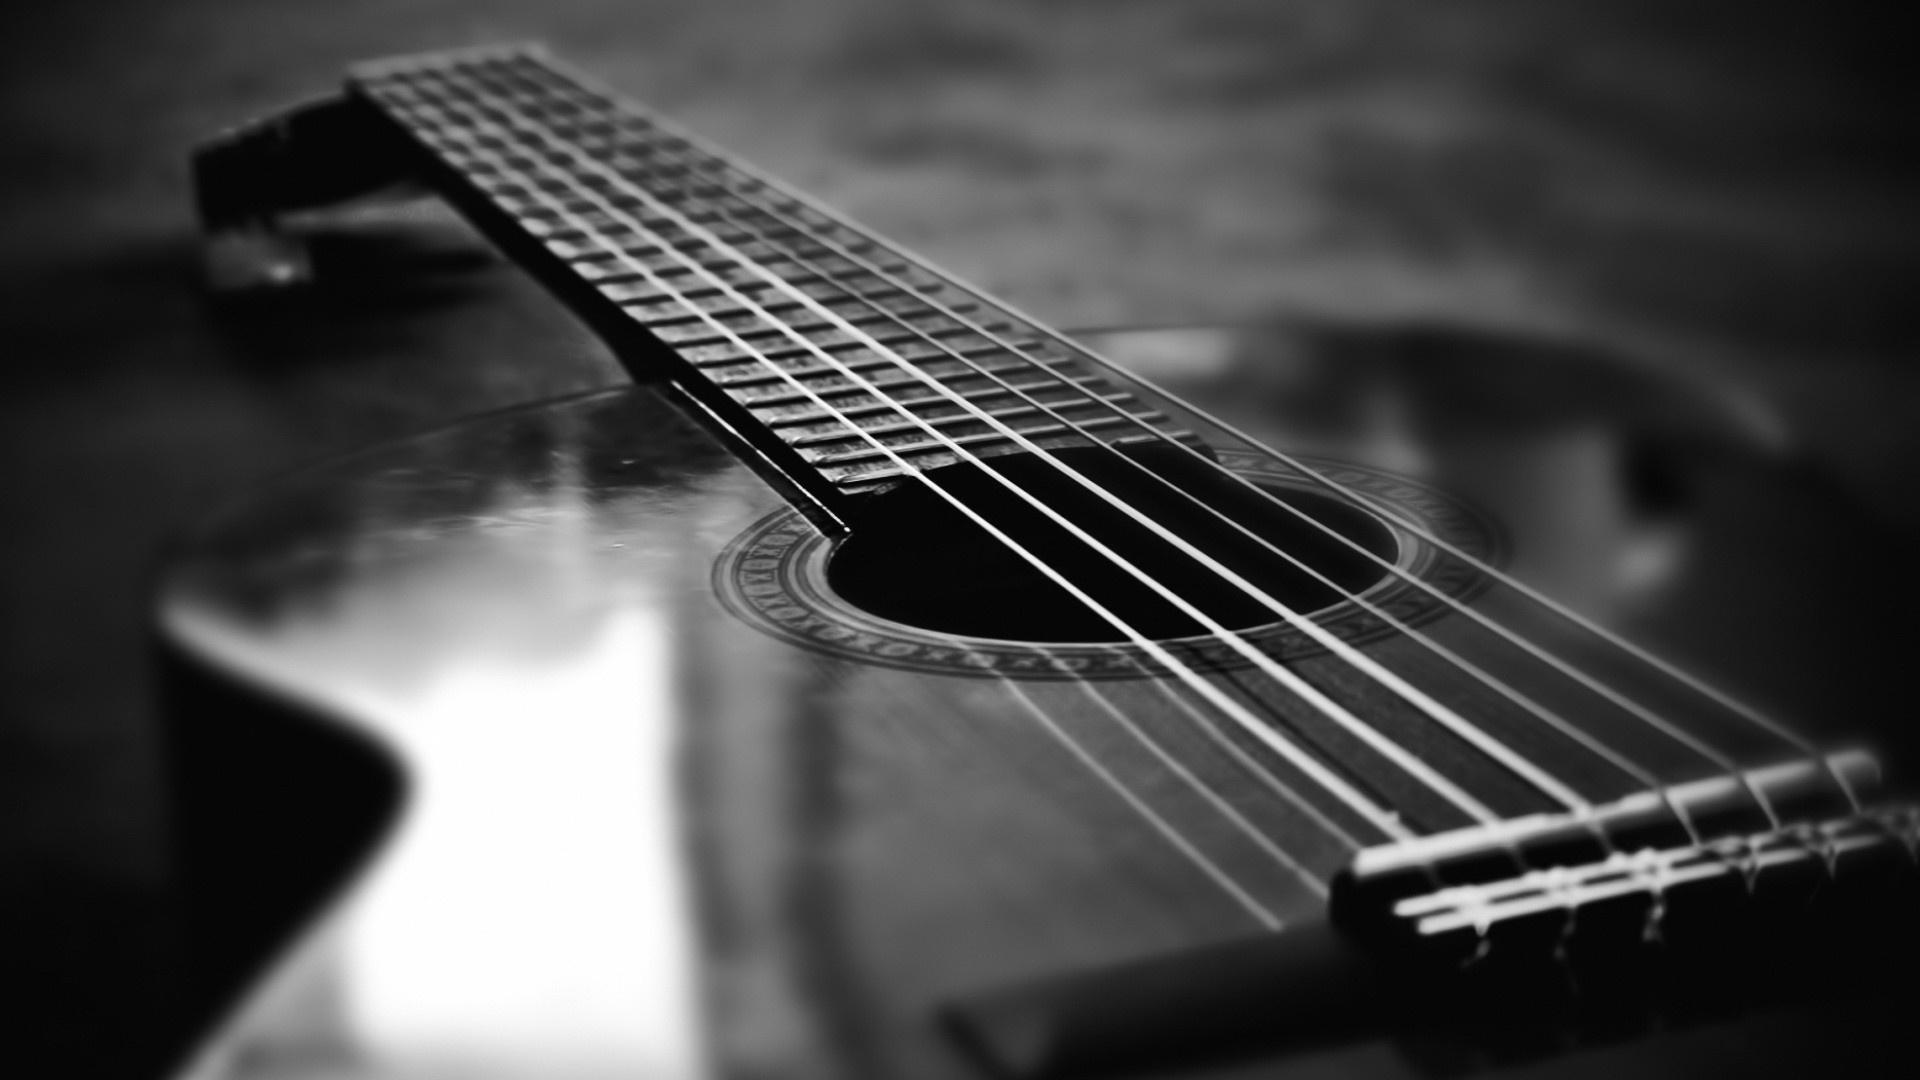 Hd wallpaper gitar - 1920x1080 Guitar Wallpaper Guitar Art Guitar Strings Webstrings P Download Wallpaper Pinterest Full Hd Pictures Guitar Art And Wallpaper